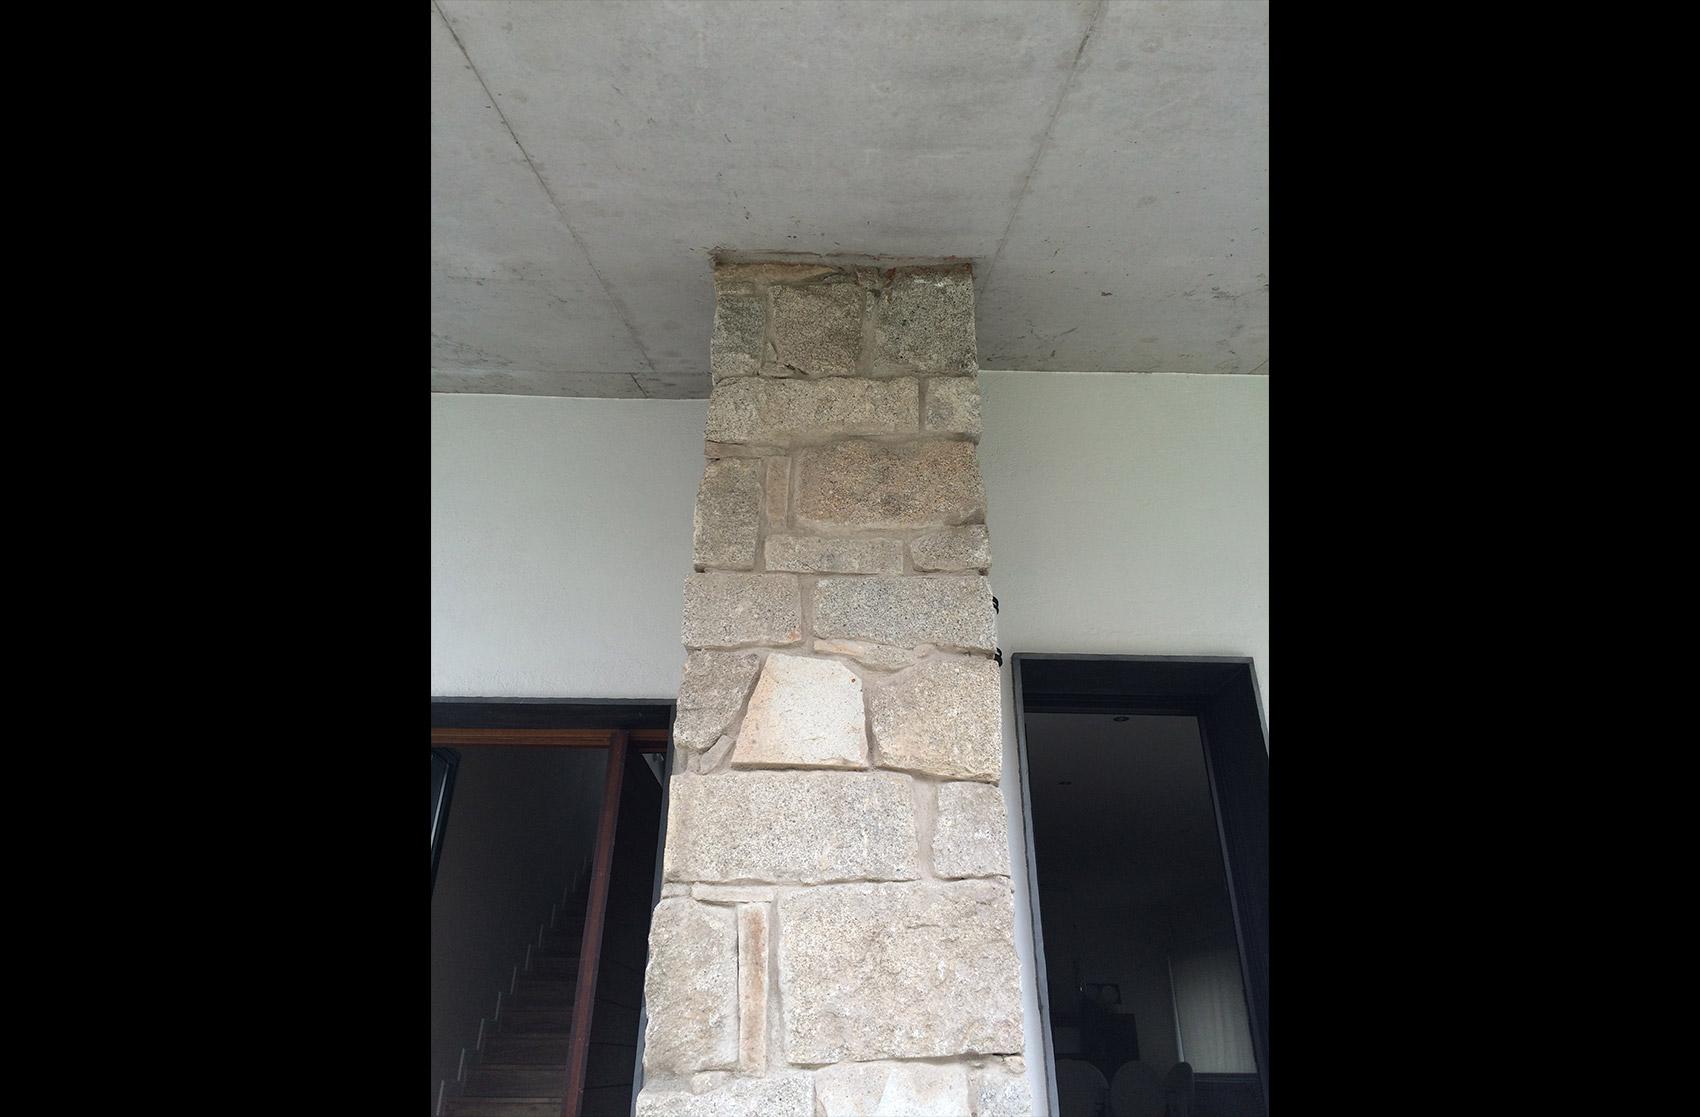 detalle columna vivienda roberto L Garcia